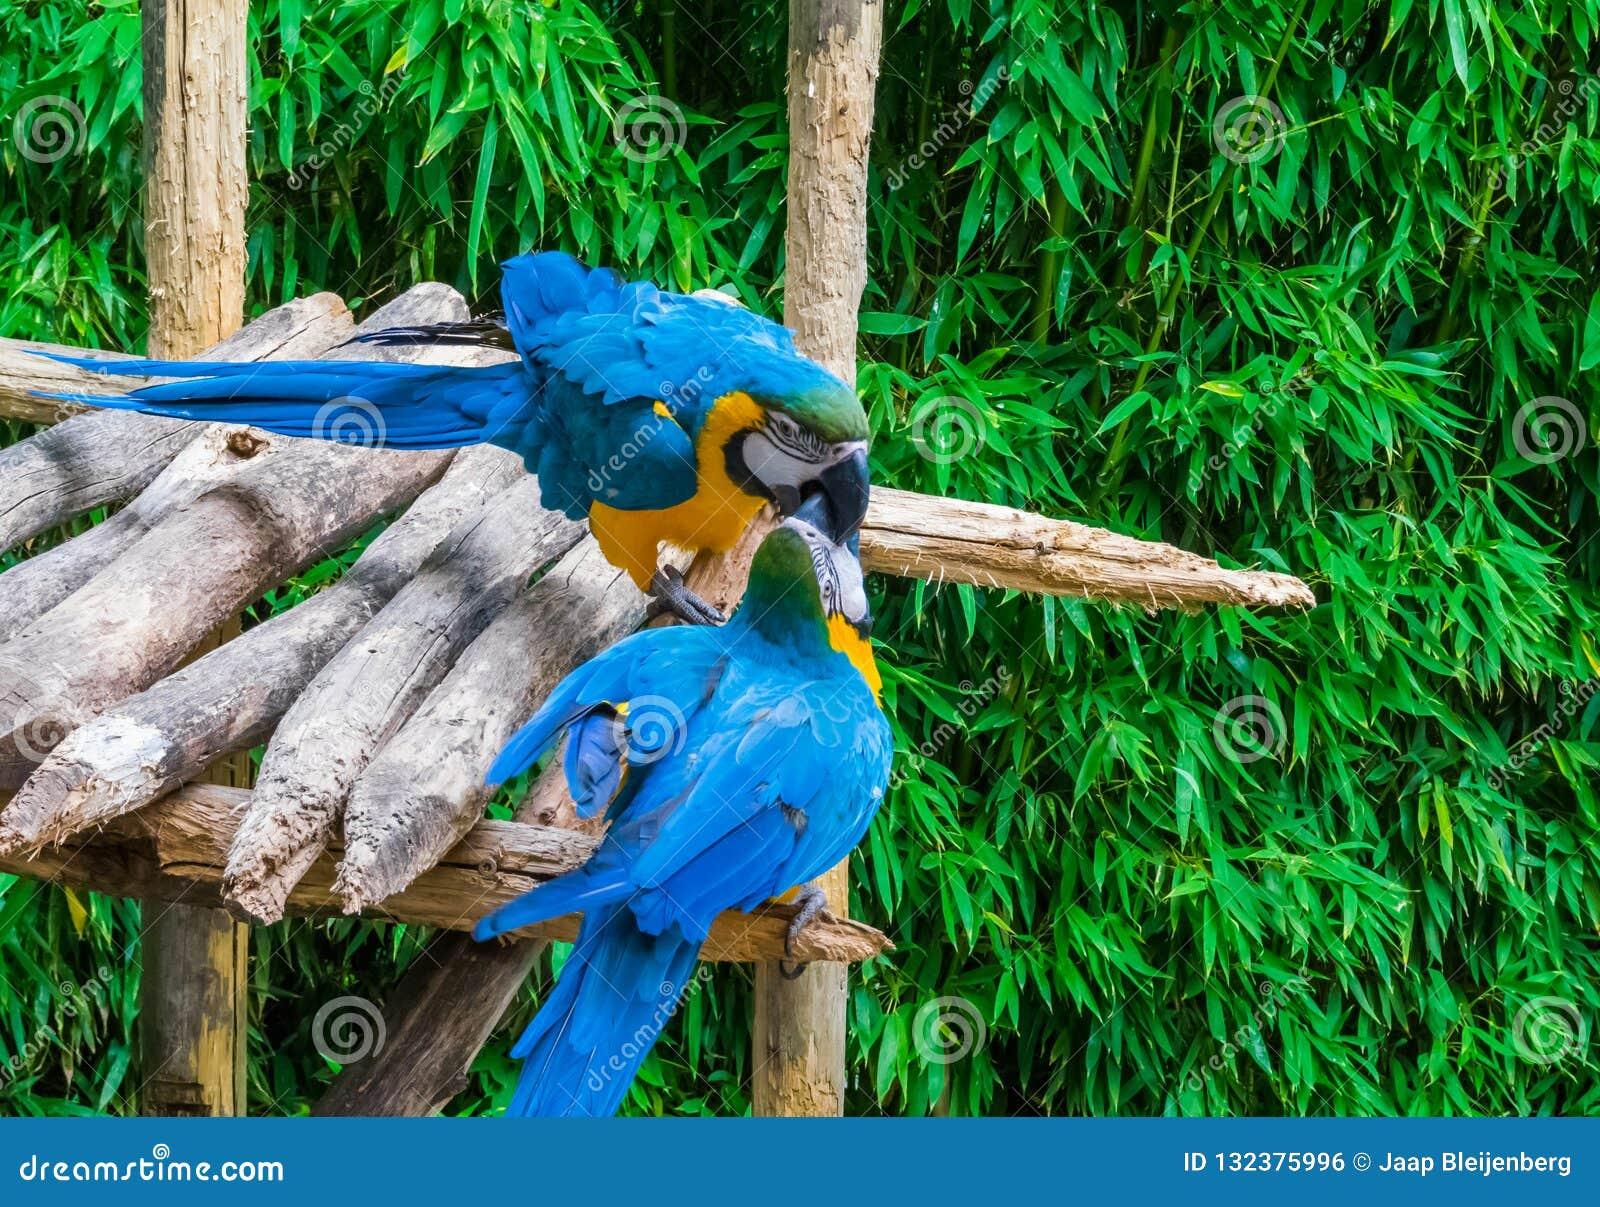 Δύο μπλε και κίτρινα πουλιά παπαγάλων macaw που παίζουν ή που παλεύουν με την τοποθέτηση των ραμφών τους η μια στην άλλη